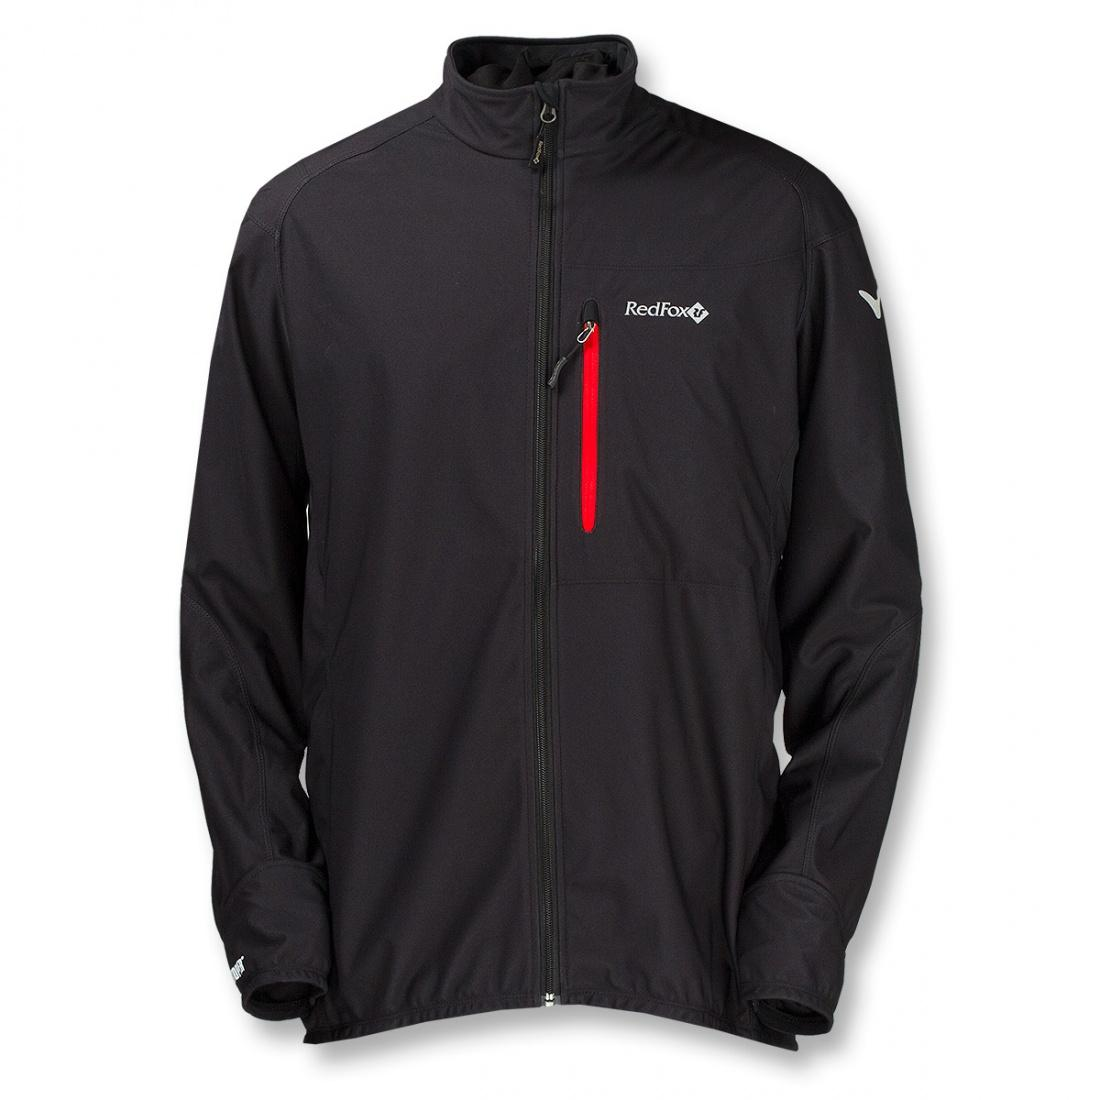 Куртка Active Shell МужскаяКуртки<br><br> Cпортивная куртка для высокоактивных видов спорта в холодную и ветреную погоду. Предназначена для использования на беговых тренировка...<br><br>Цвет: Черный<br>Размер: 52